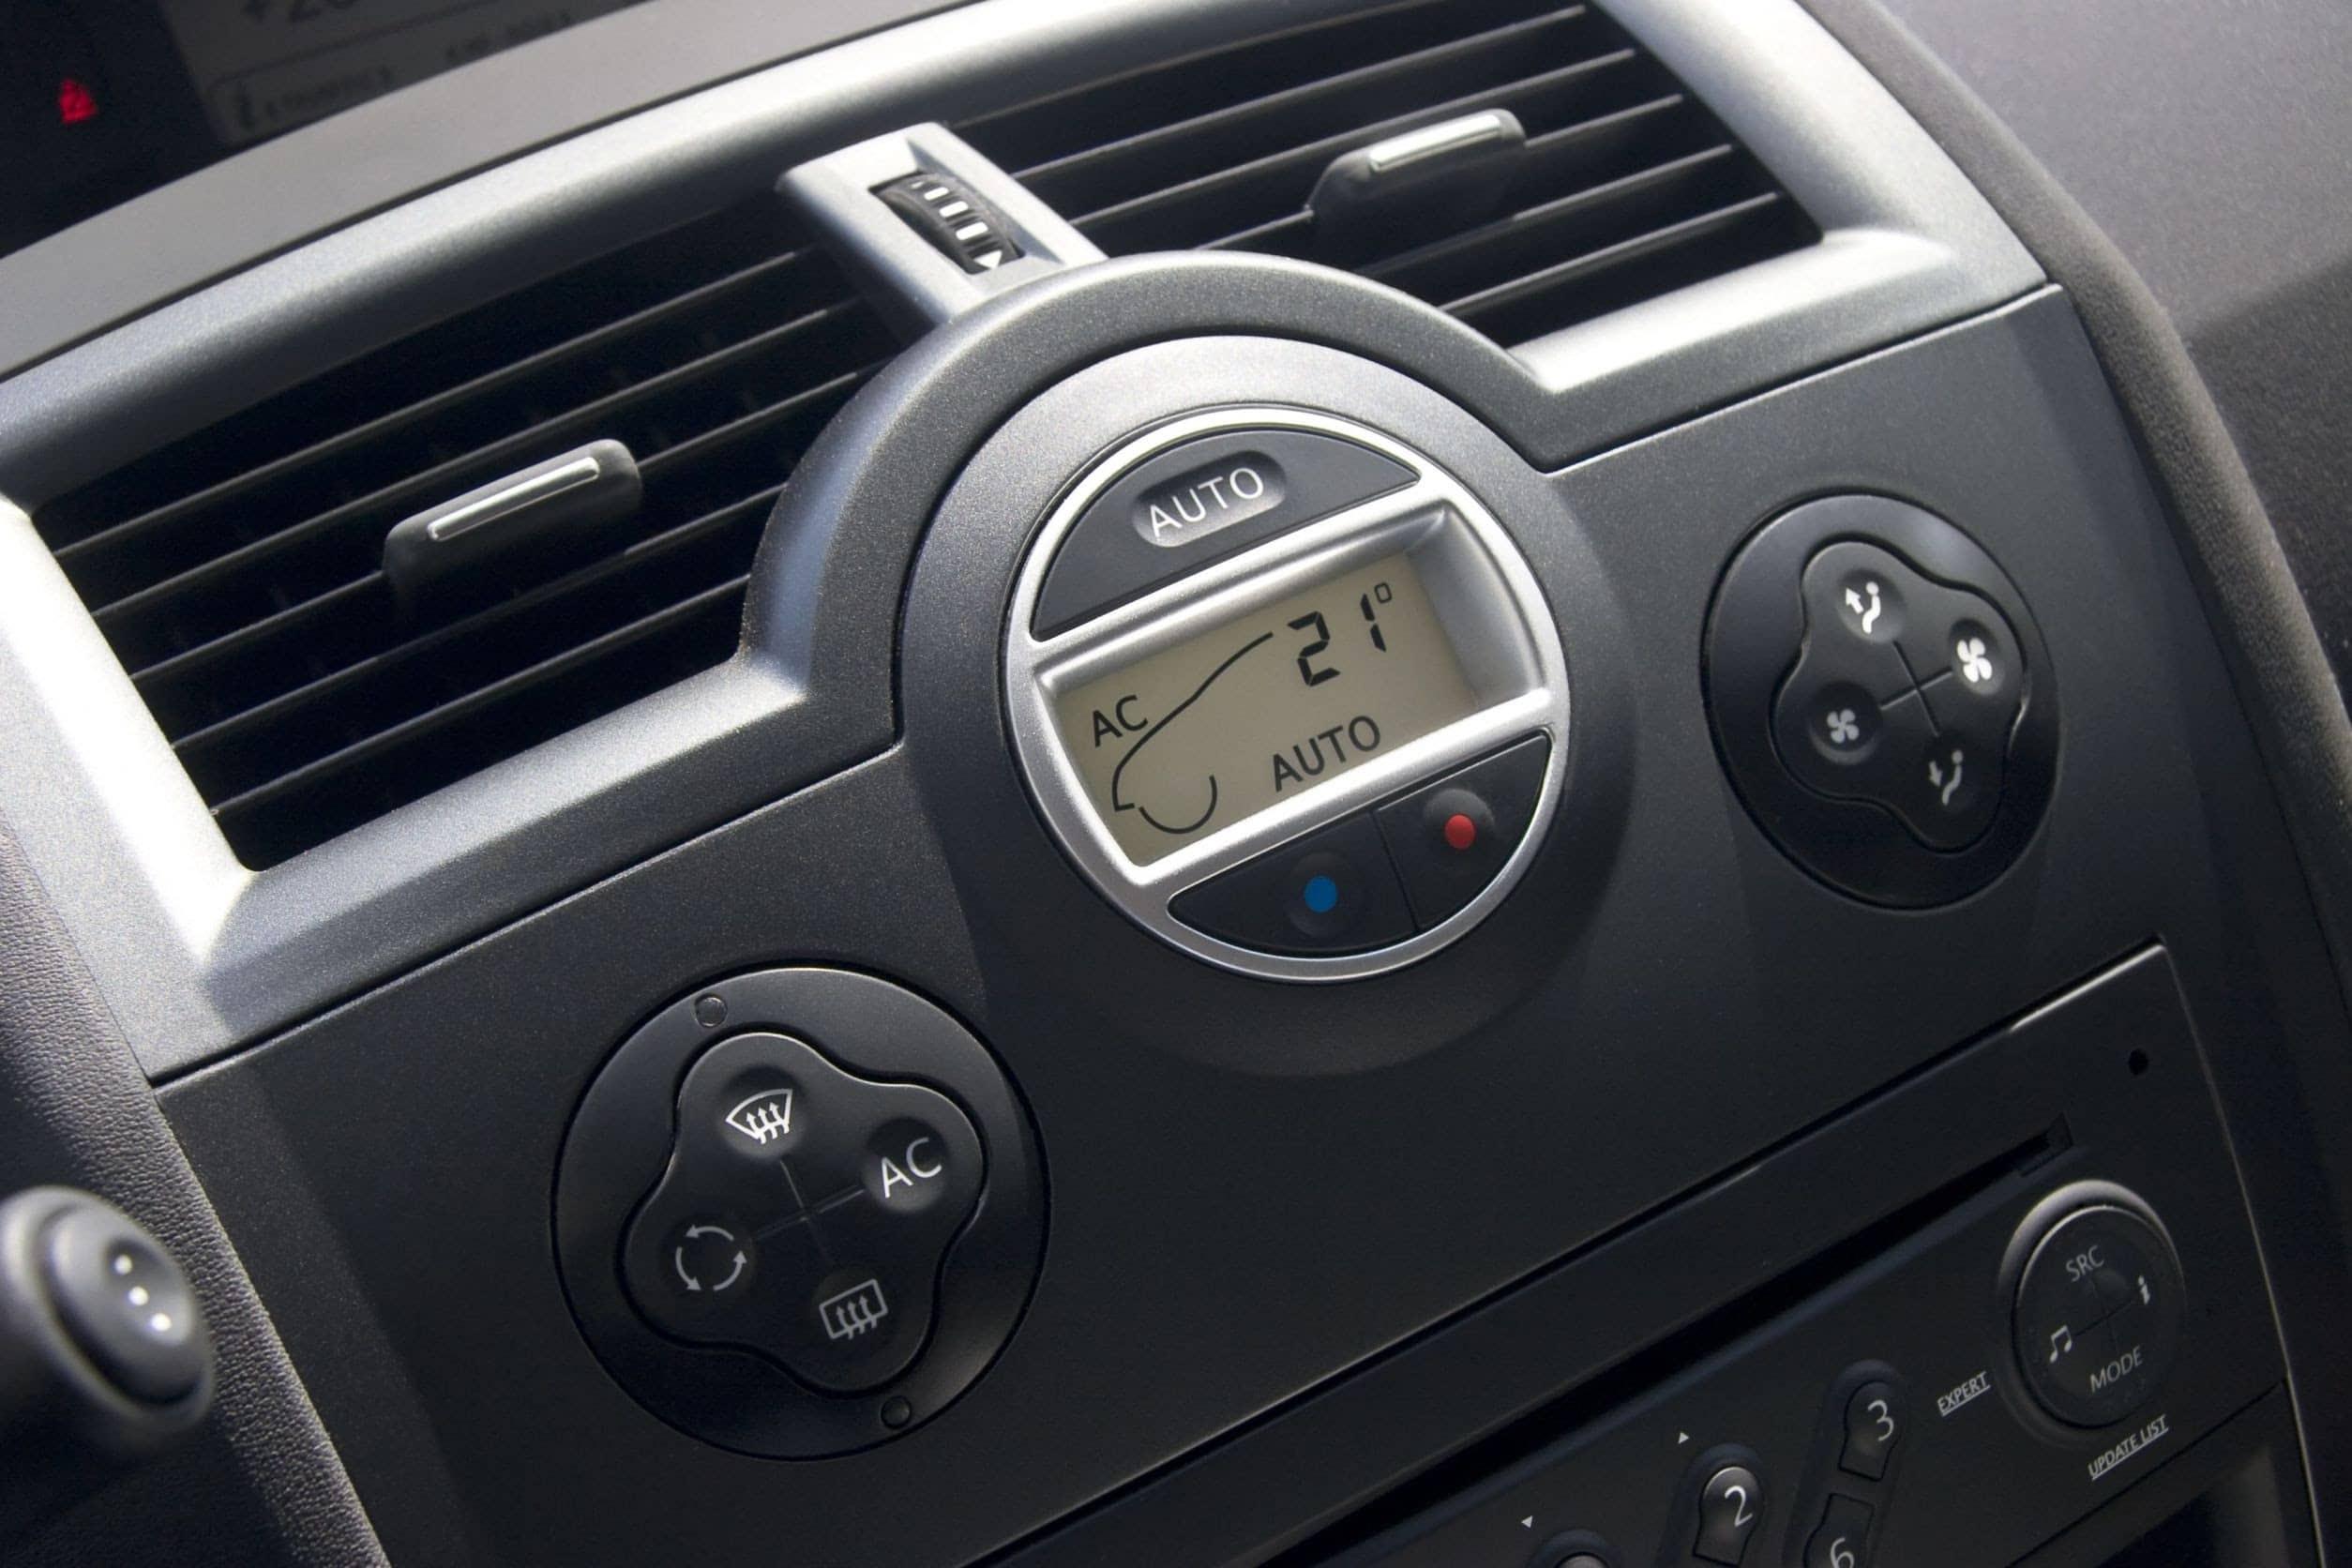 Mitsubishi Outlander Aircon Faults